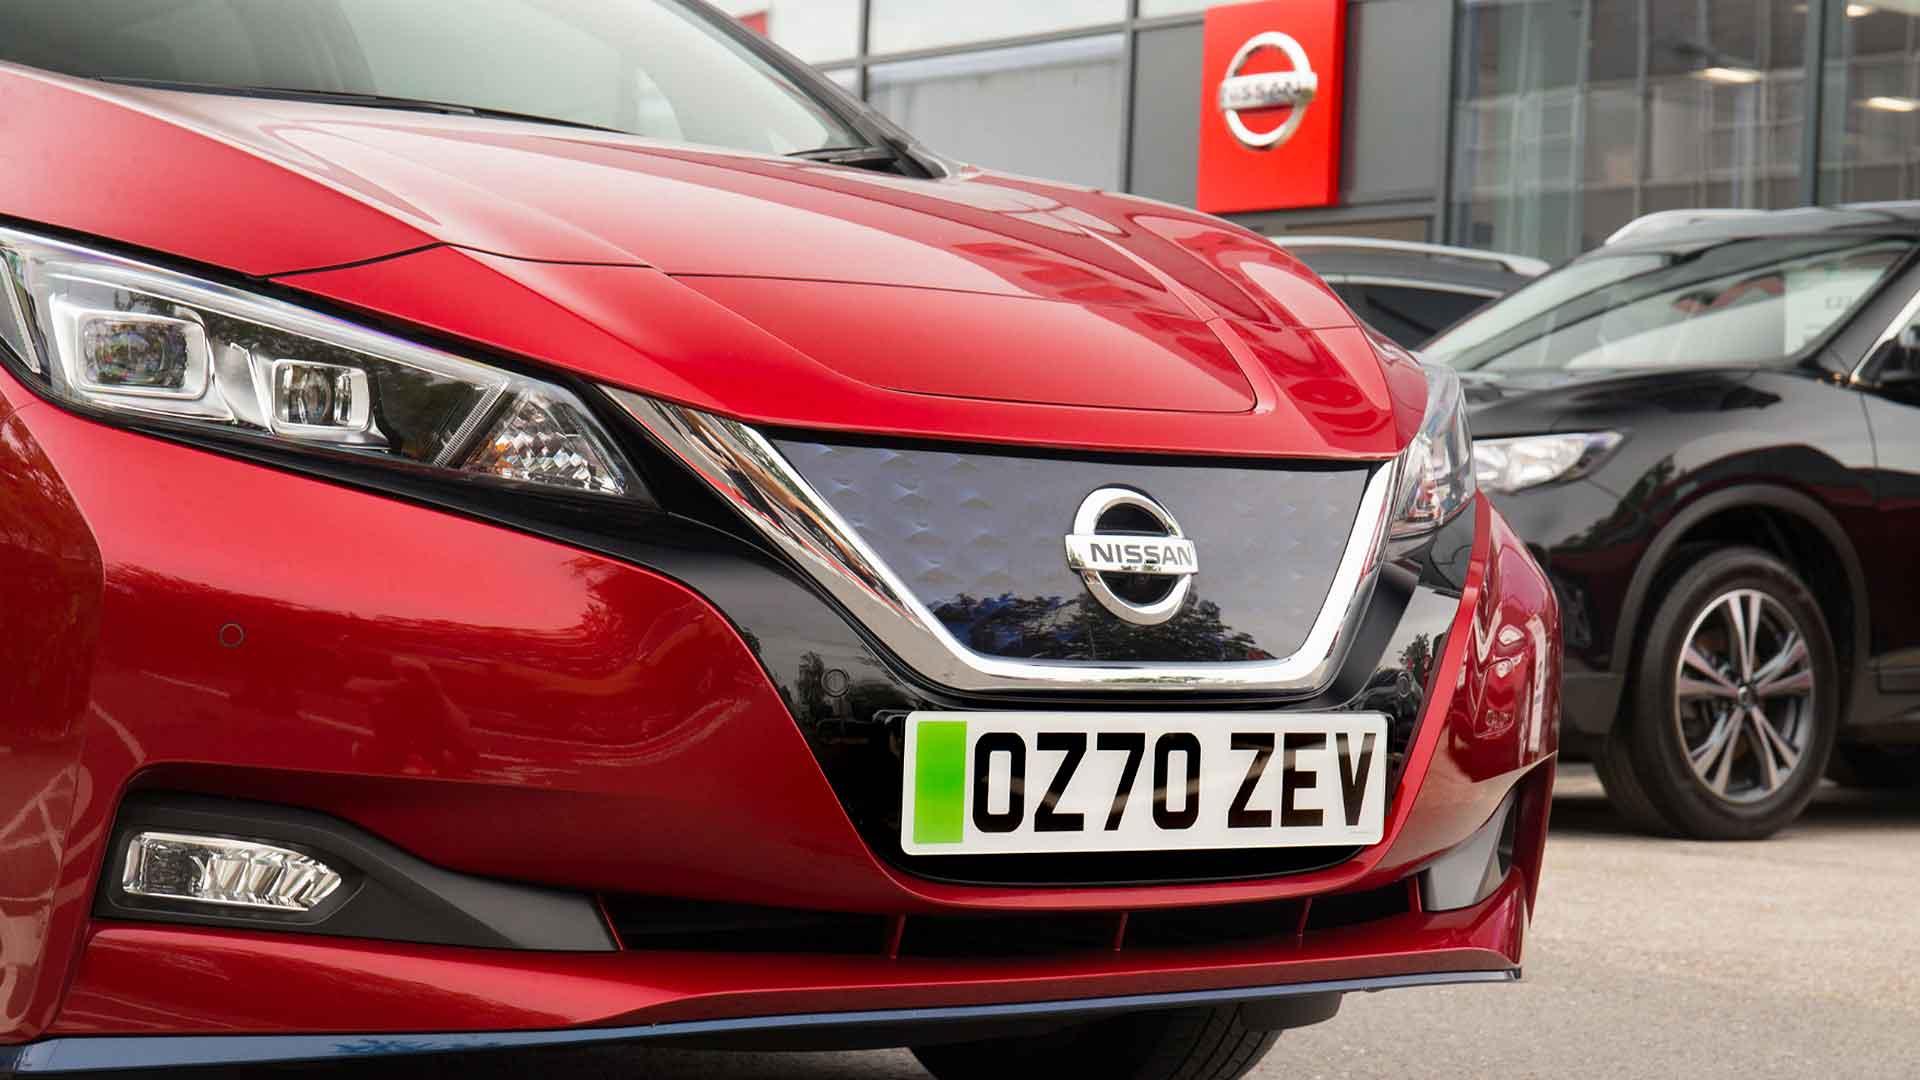 Nissan Leaf green number plates